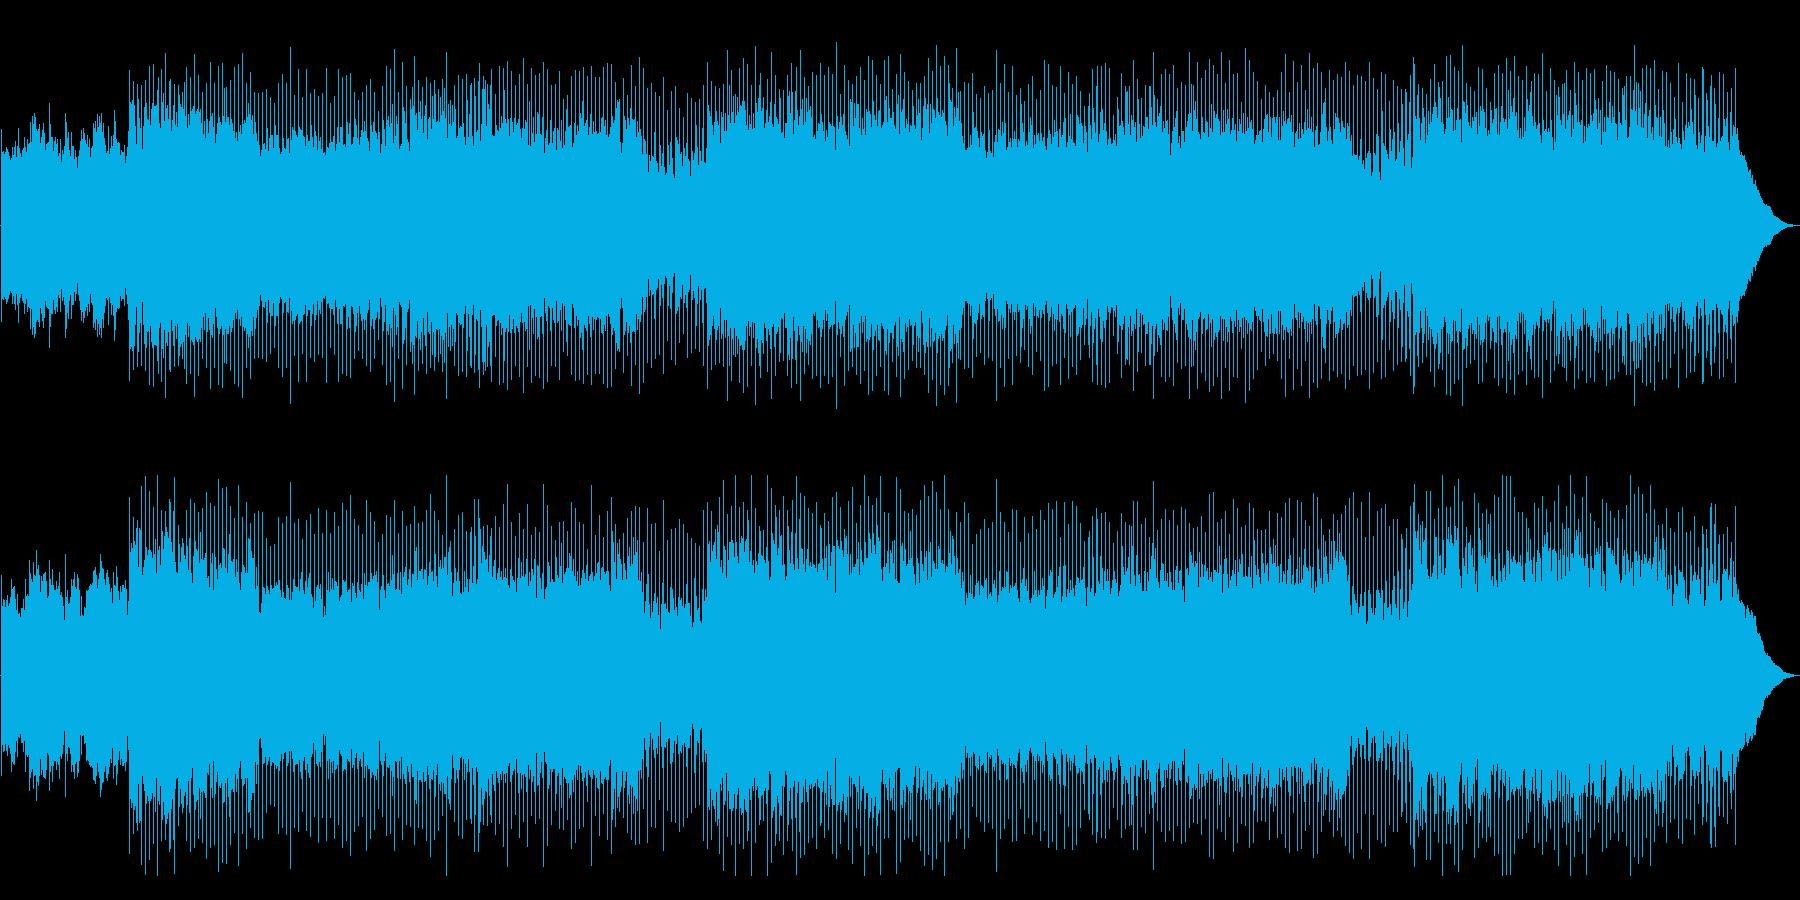 爽やかな生演奏アコースティックポップの再生済みの波形